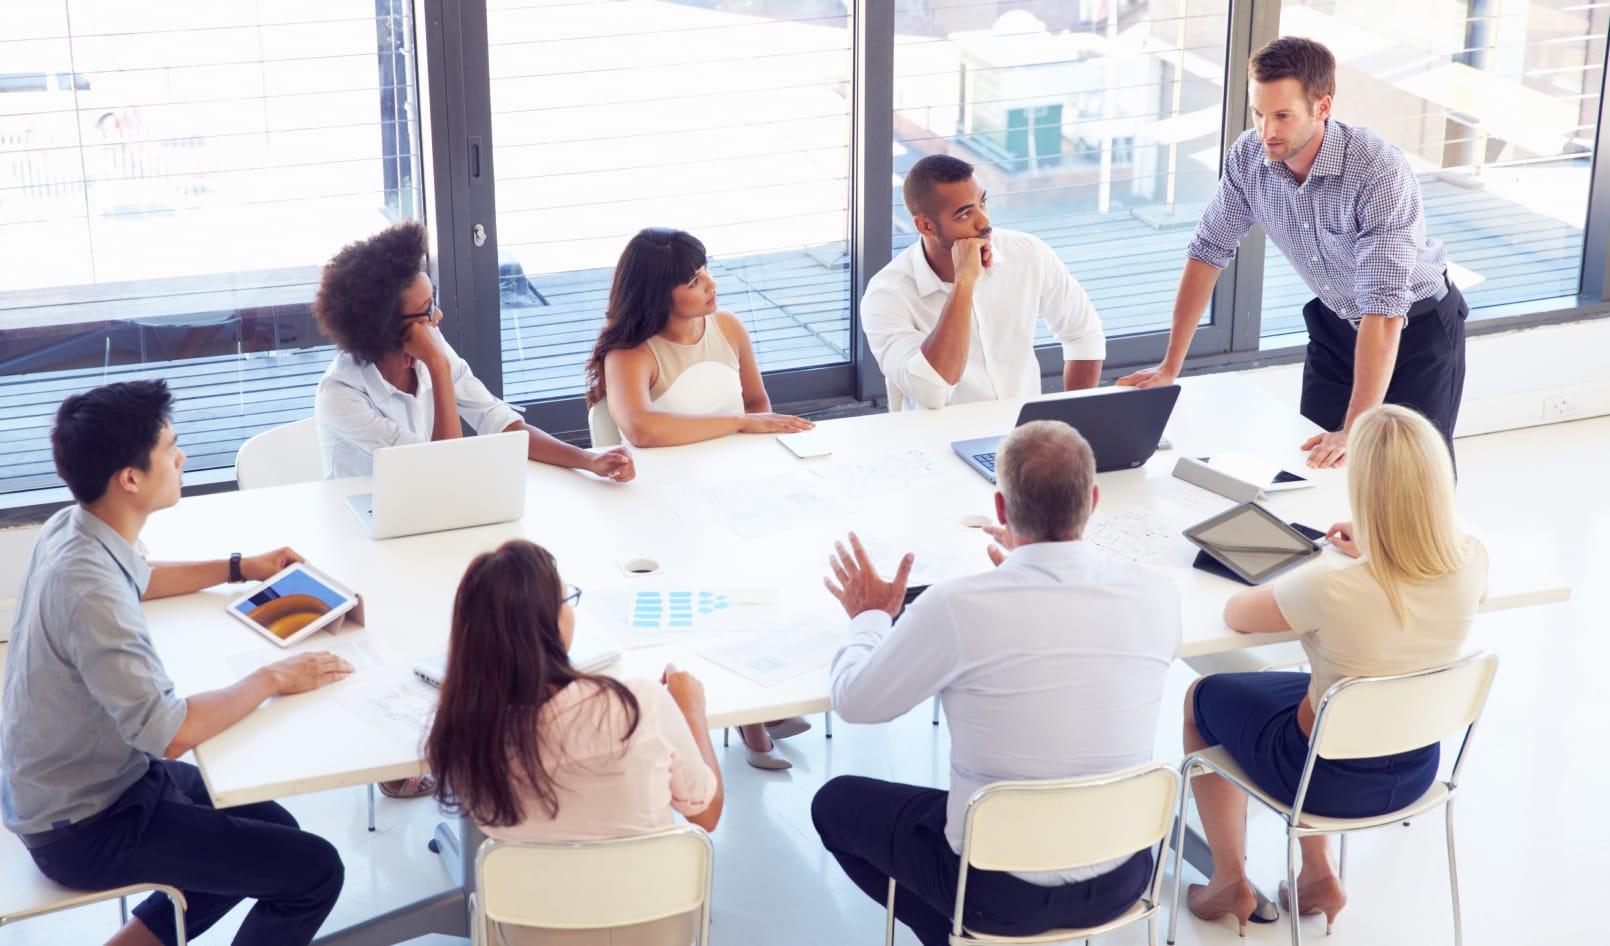 group of team members in a meeting